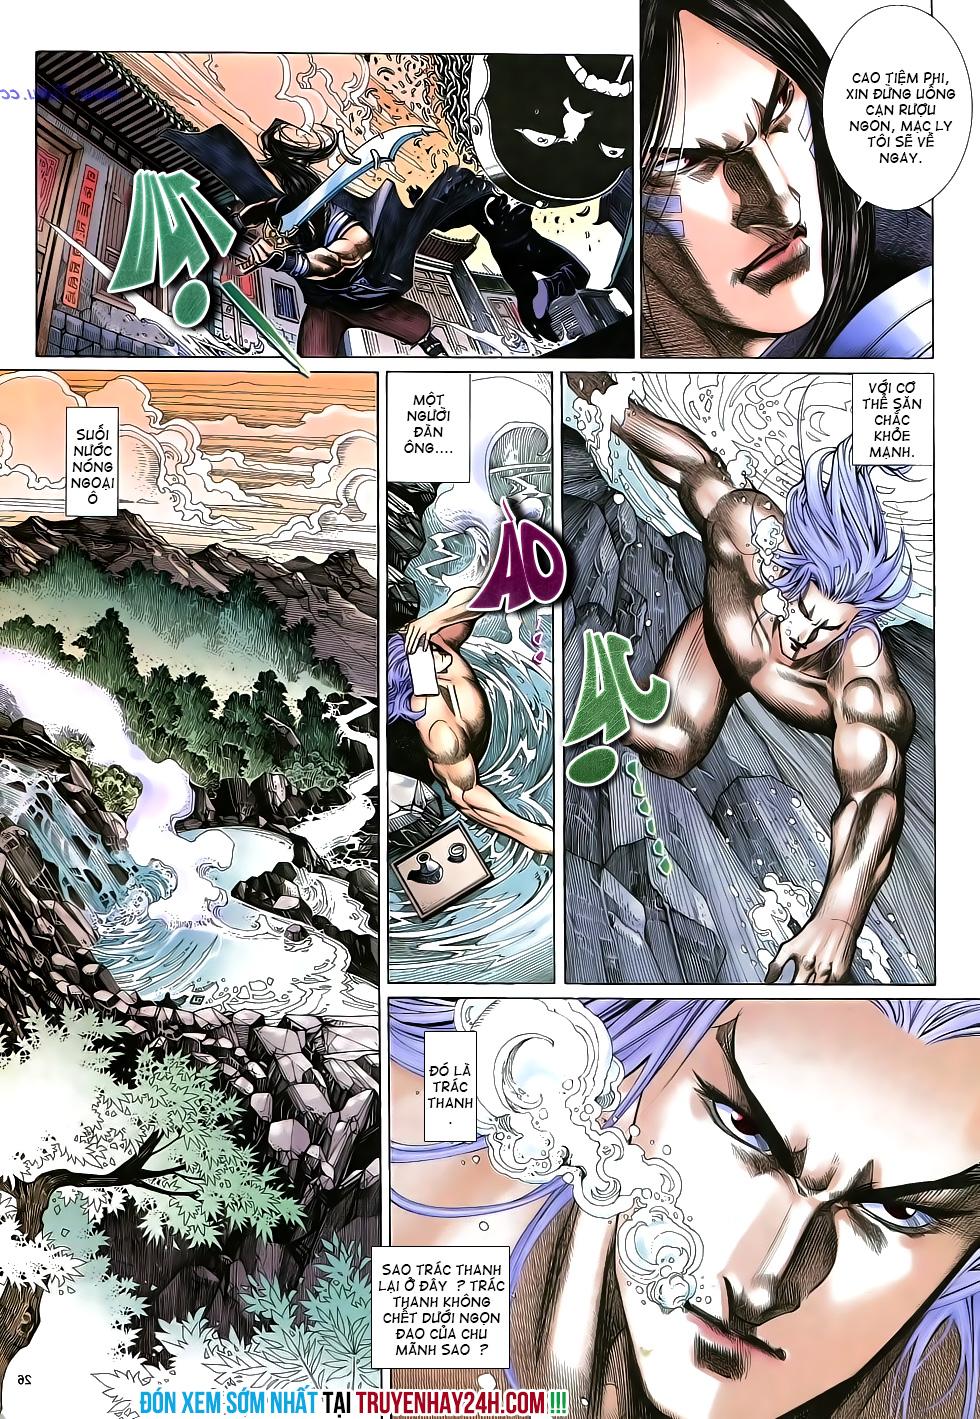 Anh hùng vô lệ Chap 16: Kiếm túy sư cuồng bất lưu đấu  trang 27